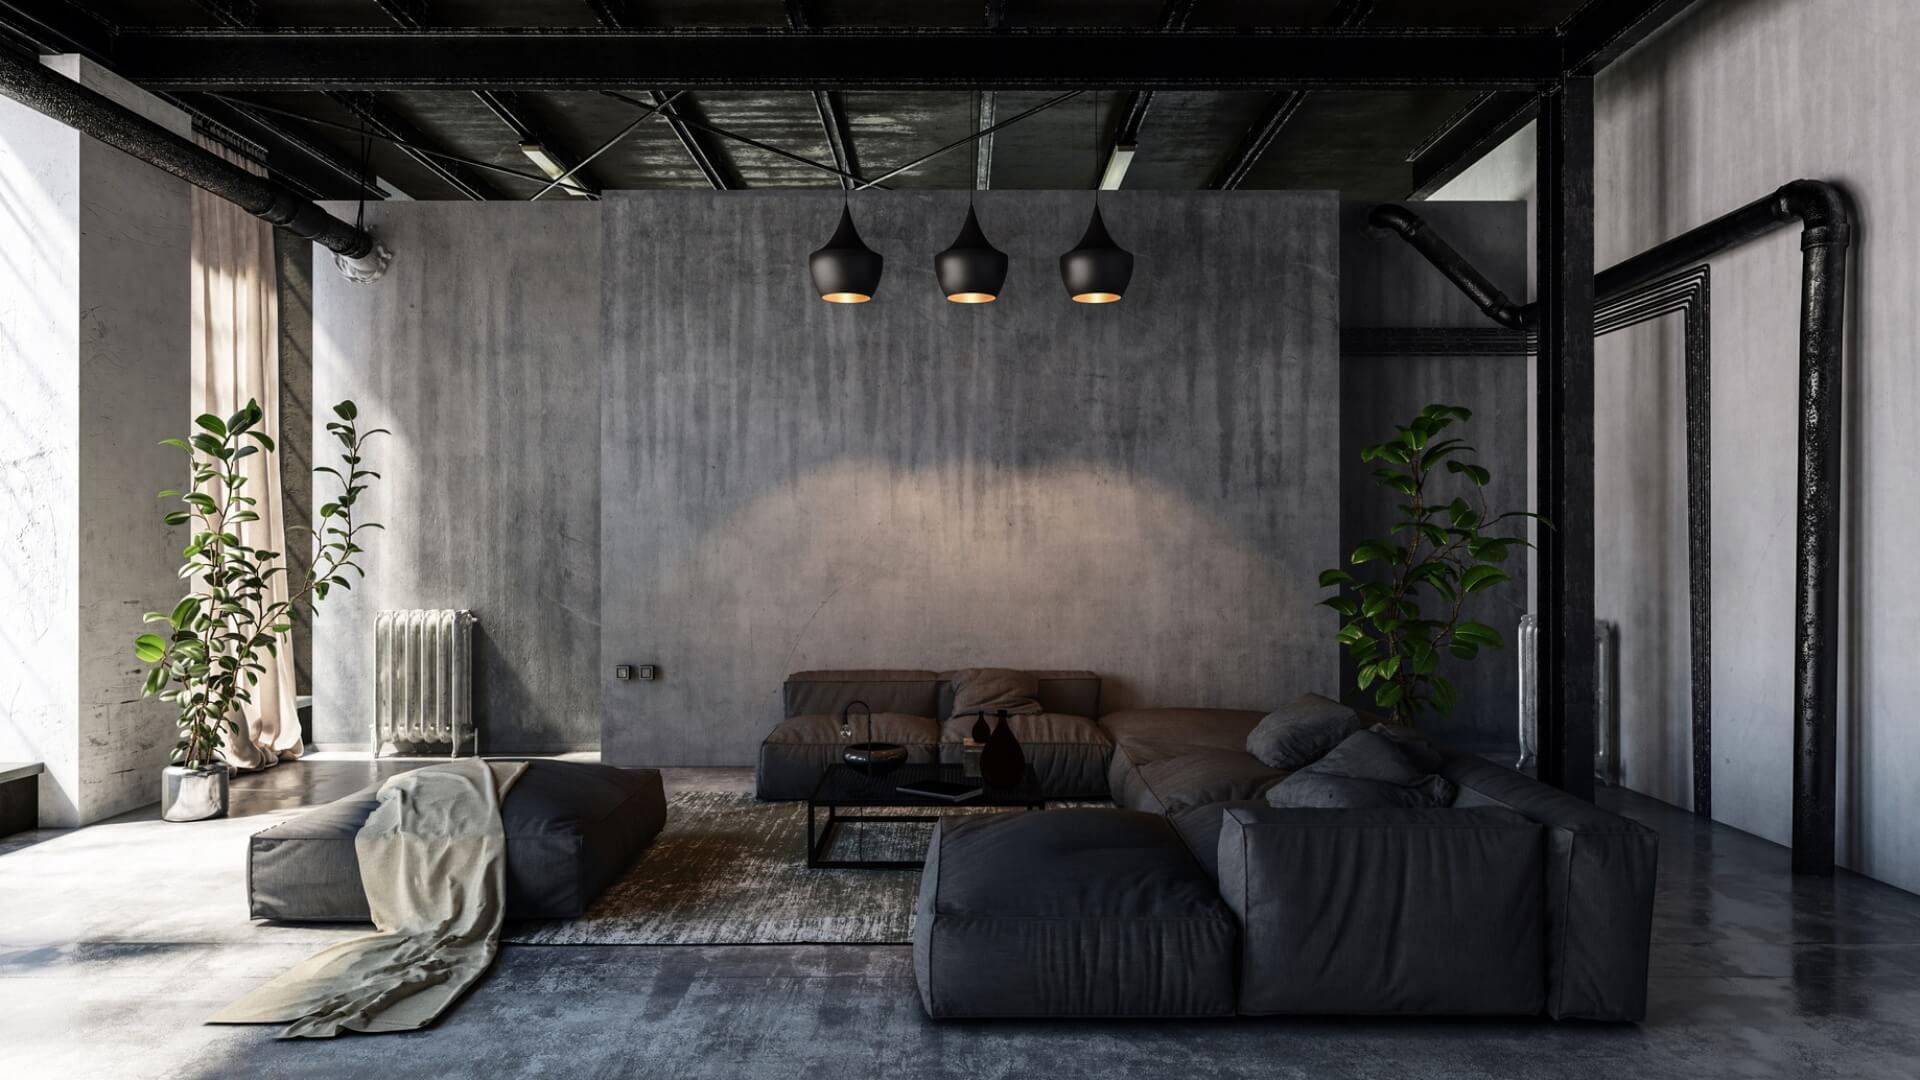 Salon w industrialnym klimacie, mebel w tkaninie obiciowej - Marboss.eu